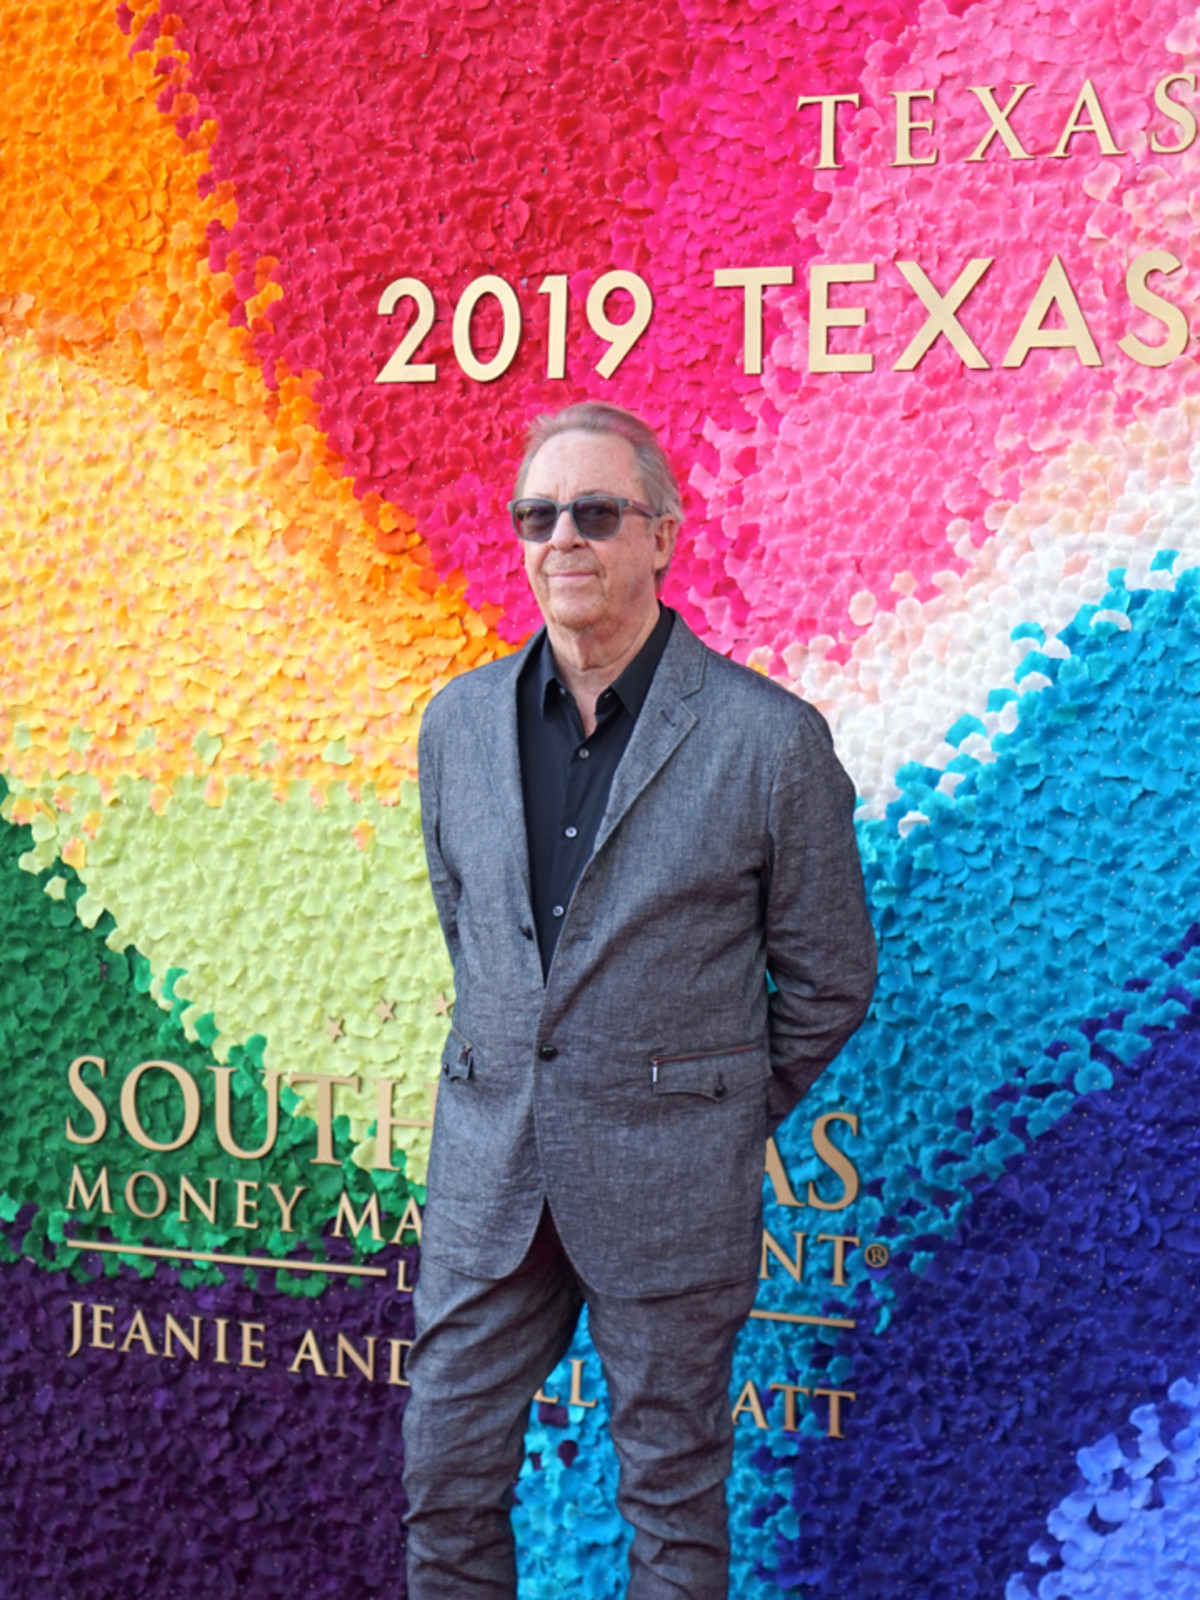 2019 Texas Medal of Art Awards Boz Scaggs